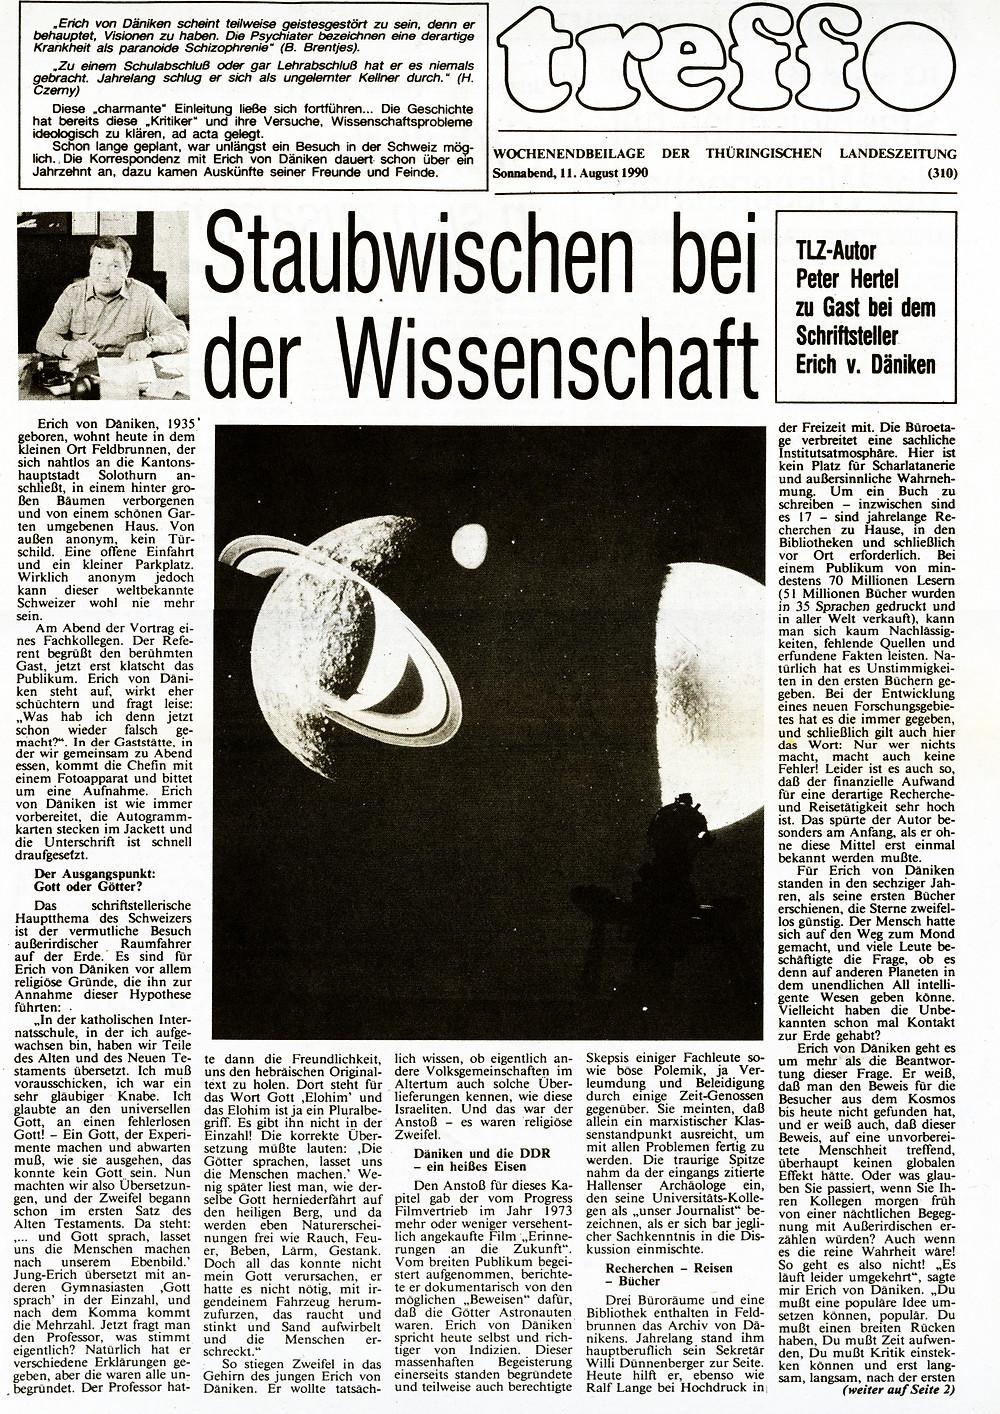 Es war mein erster Besuch bei Erich von Däniken in der Schweiz. In der DDR gab es einen regen Schriftverkehr und einige wenige Telefonate.